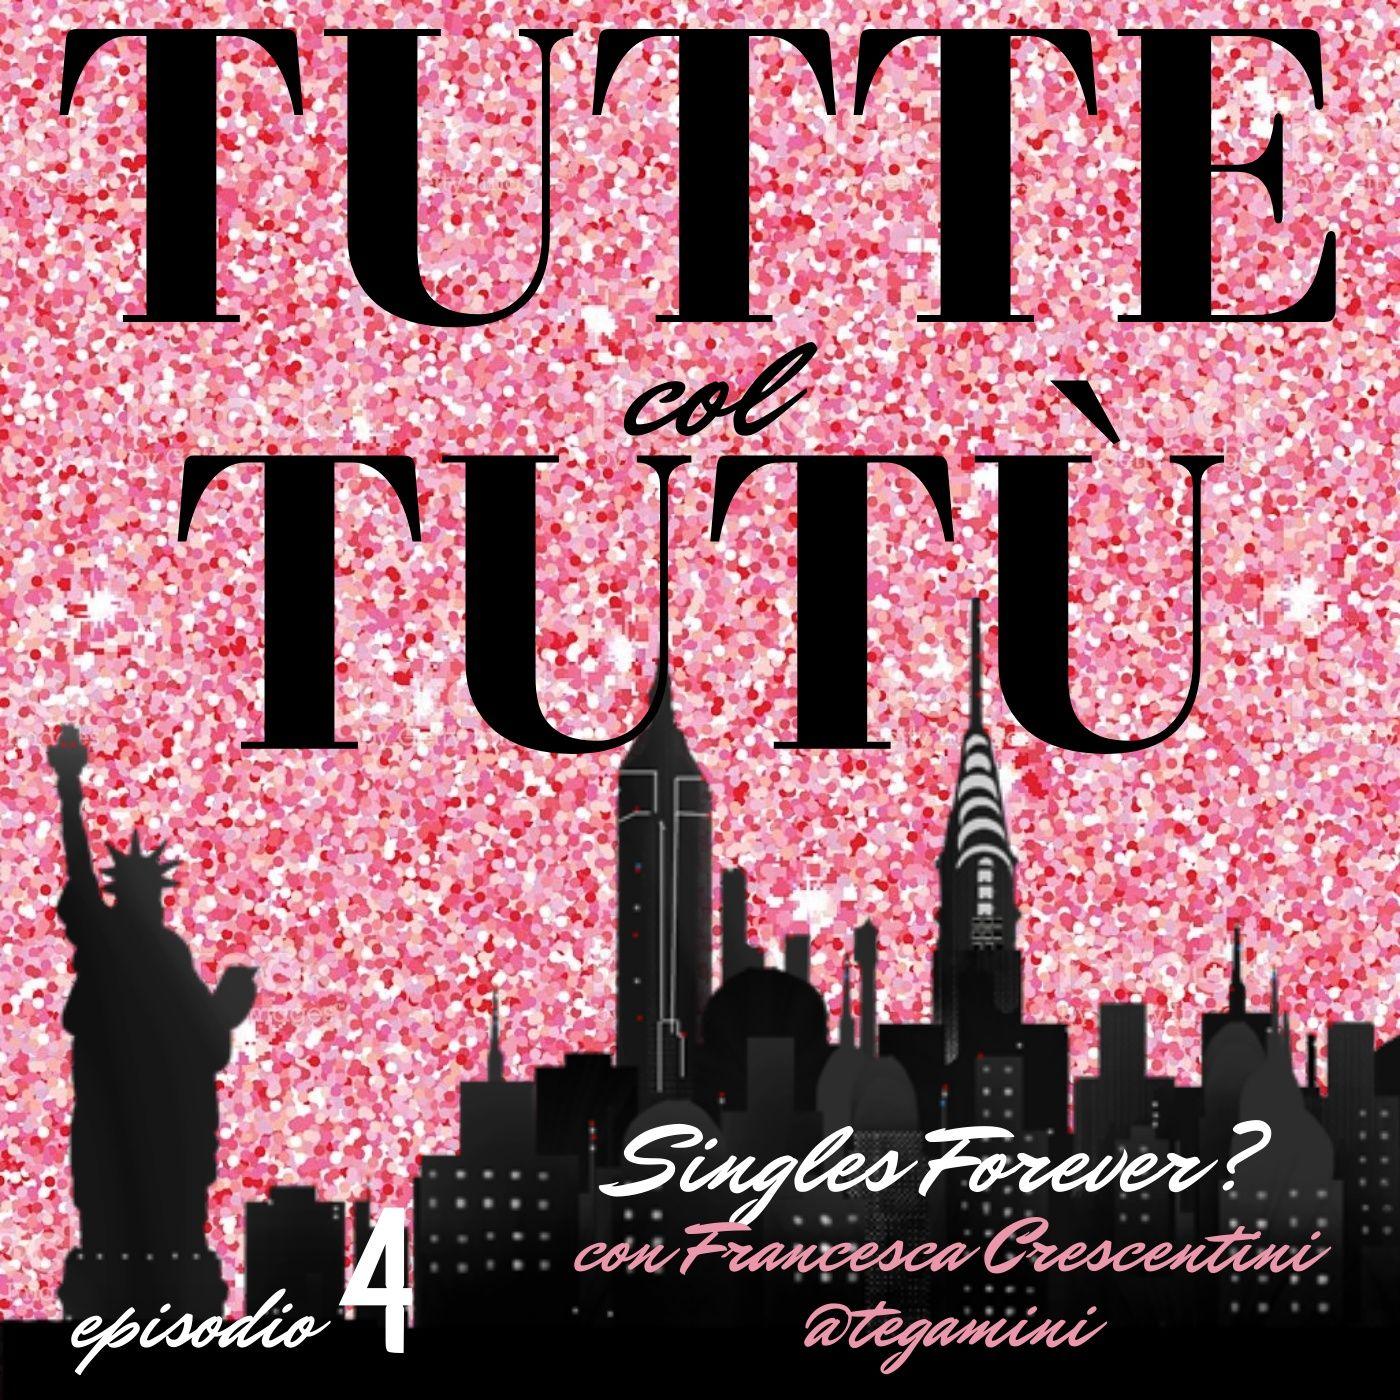 Episodio 4: Singles Forever? - con Francesca Crescentini AKA Tegamini